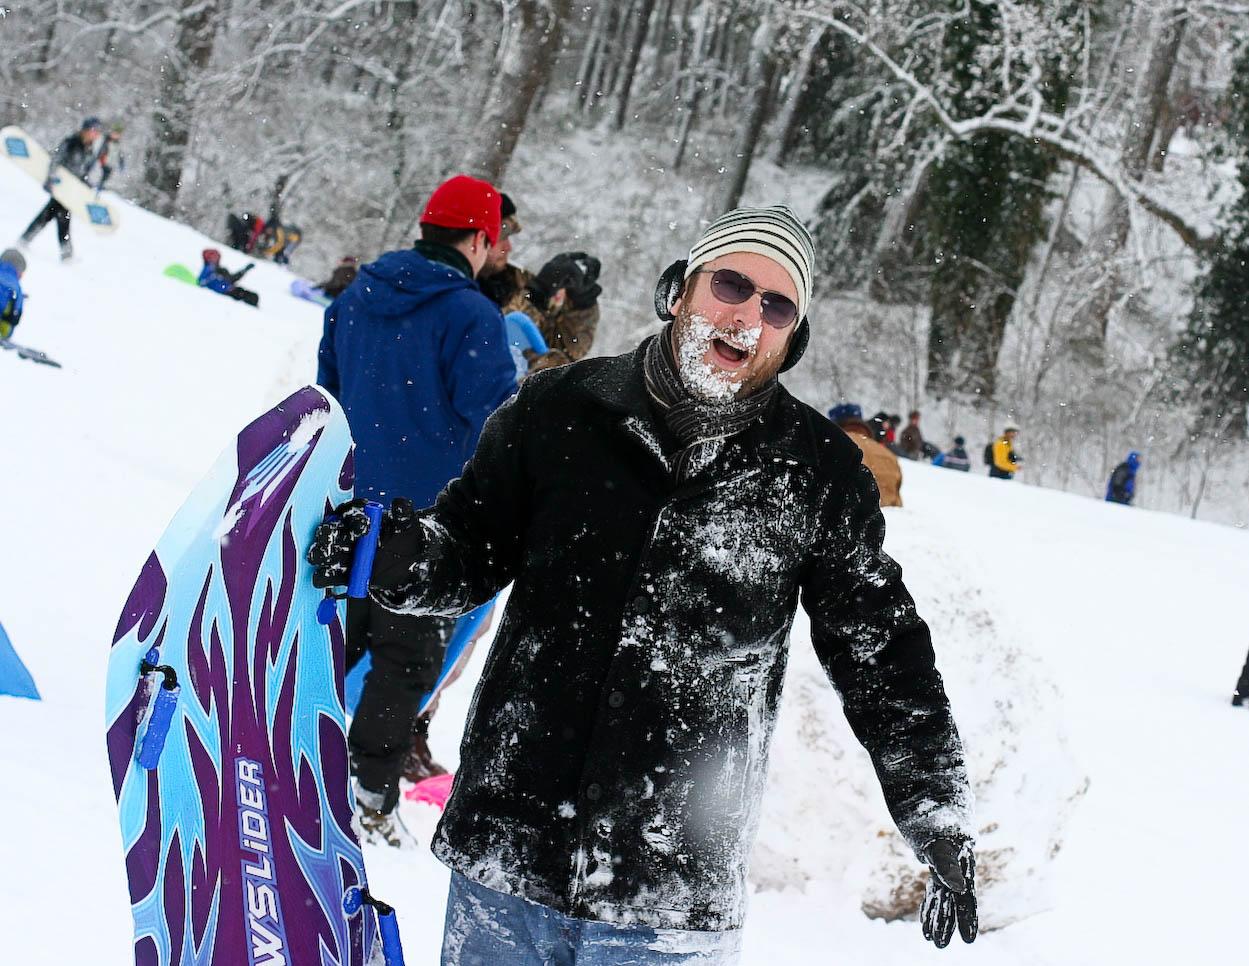 snow-dude